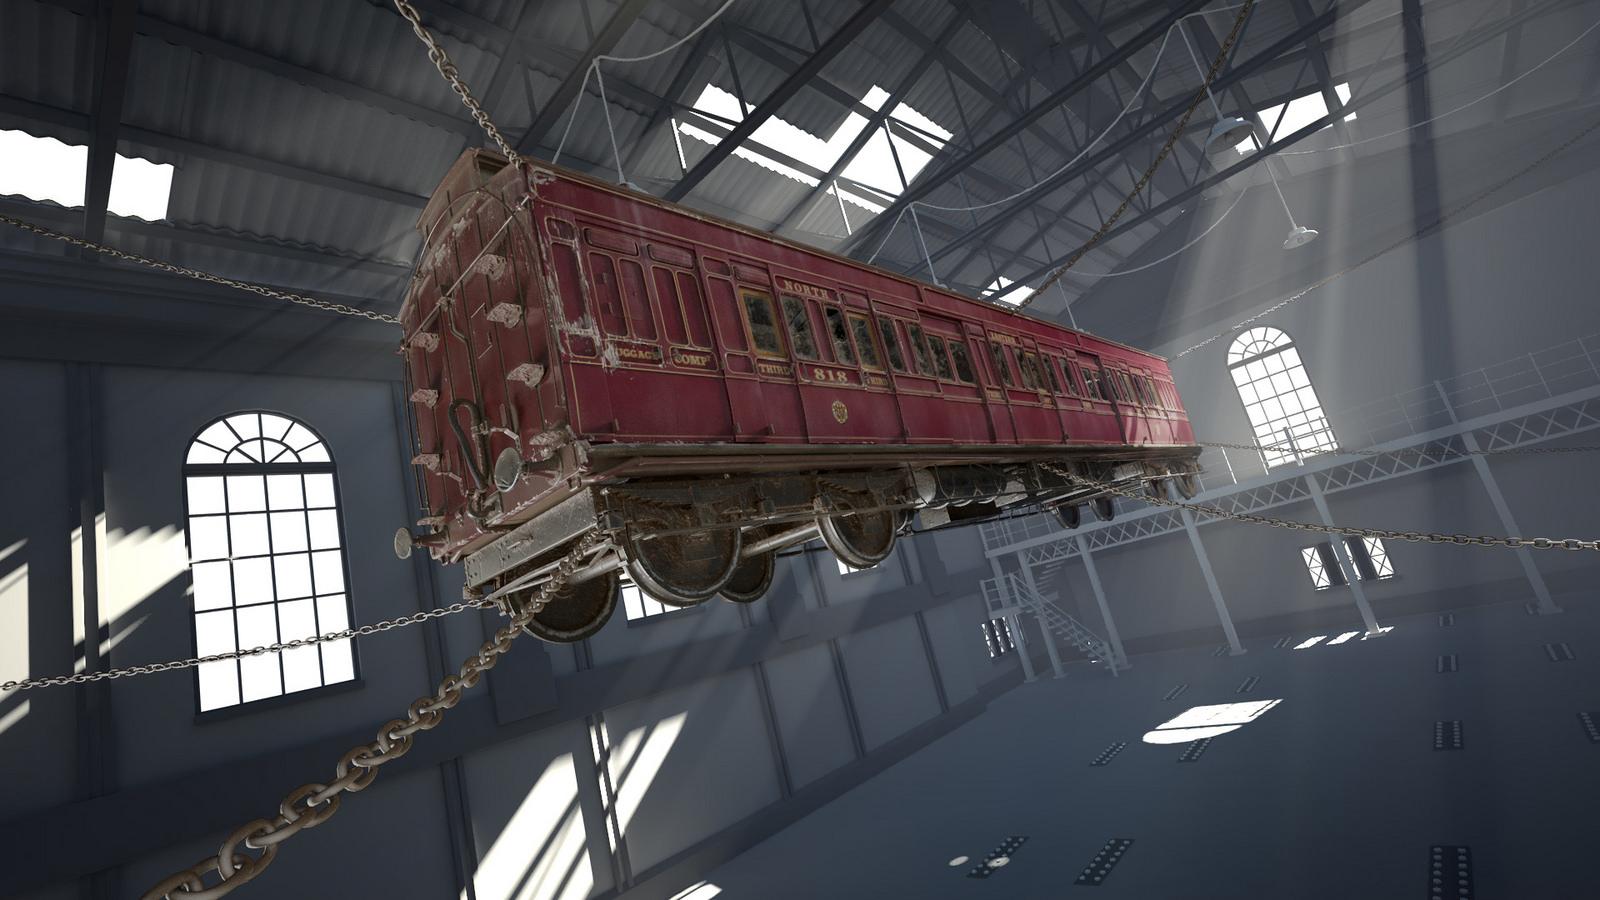 Thorpe Park Derren Brown Ghost Train